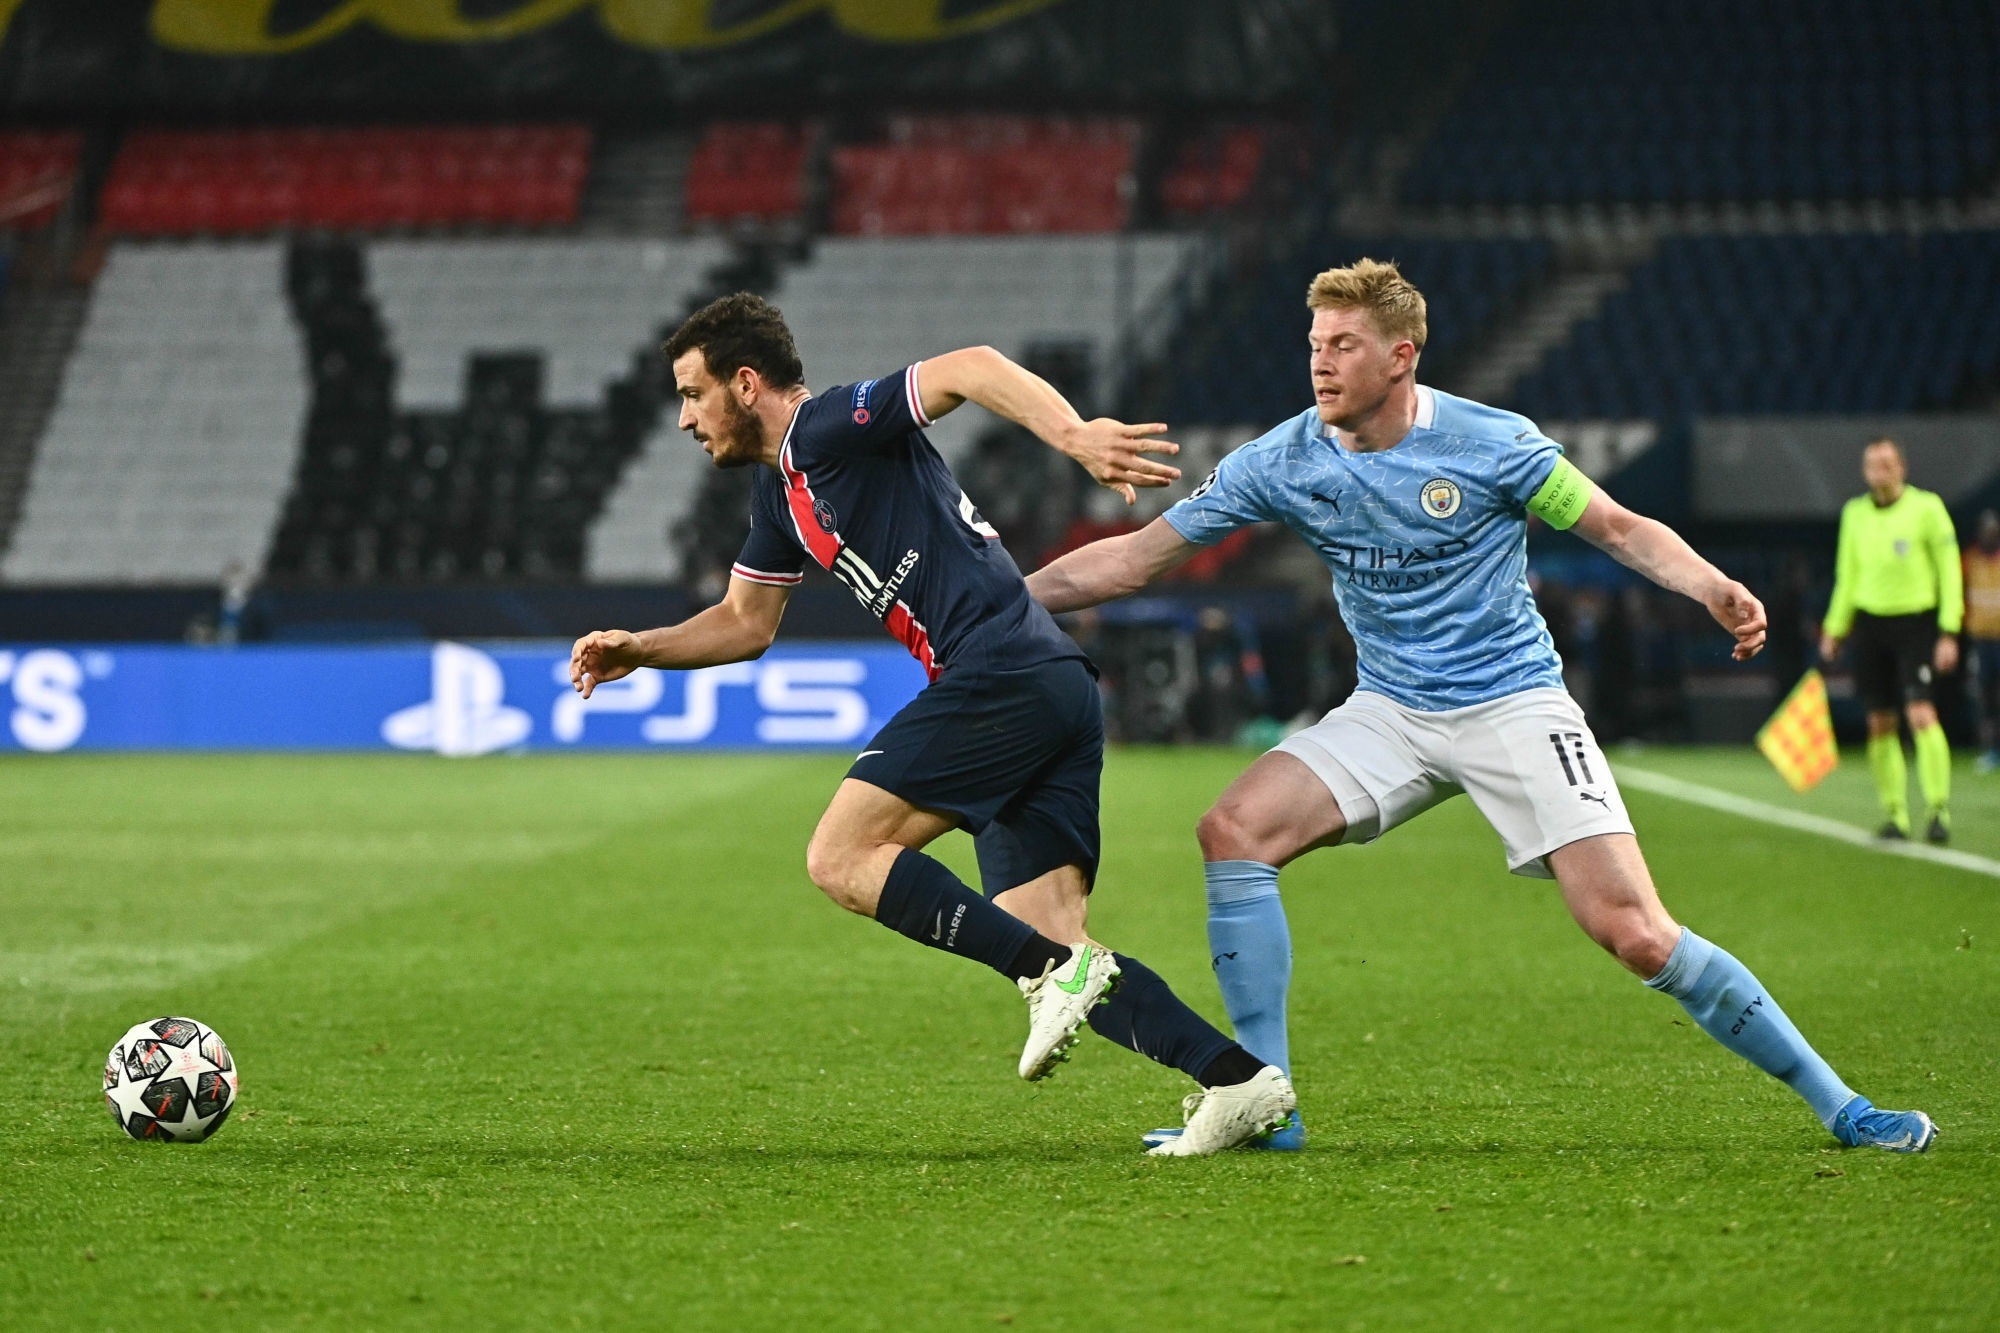 """PSG/City - Florenzi évoque """"deux séquences chanceuses"""" et l'espoir pour le retour"""